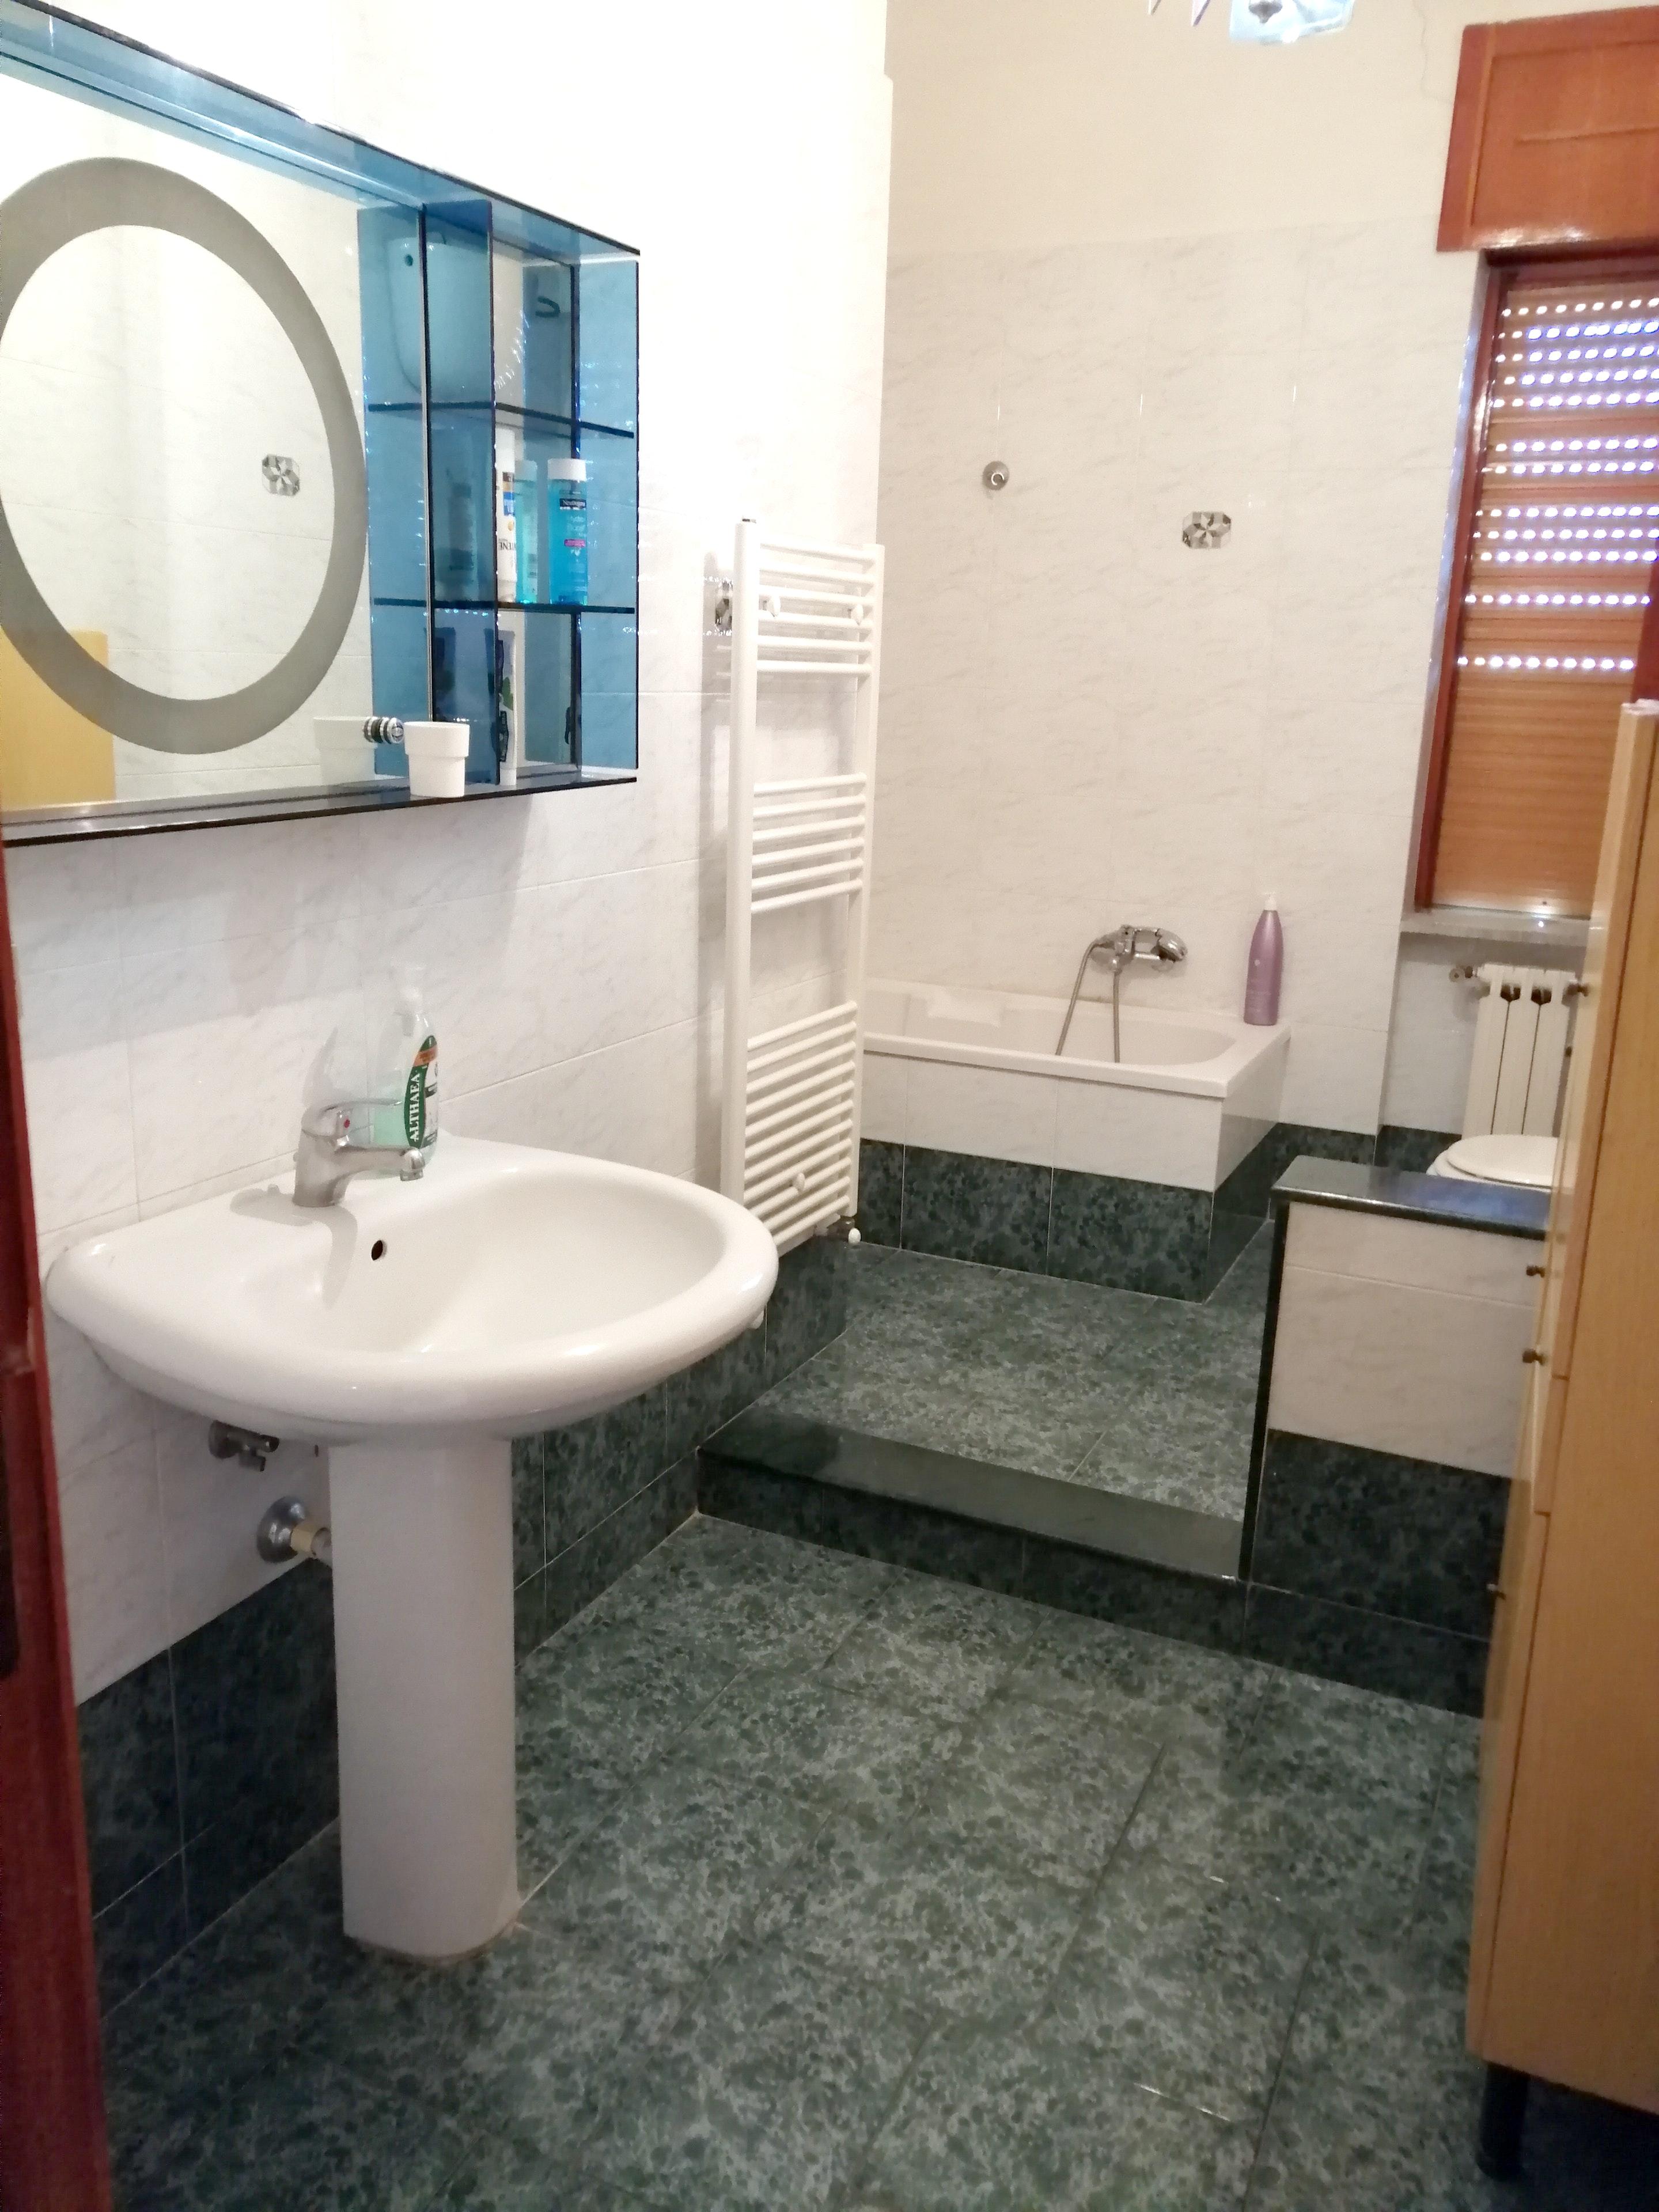 Ferienwohnung Wohnung mit 3 Schlafzimmern in Pagani mit schöner Aussicht auf die Stadt, Balkon und W-LAN (2690733), Pagani, Salerno, Kampanien, Italien, Bild 5